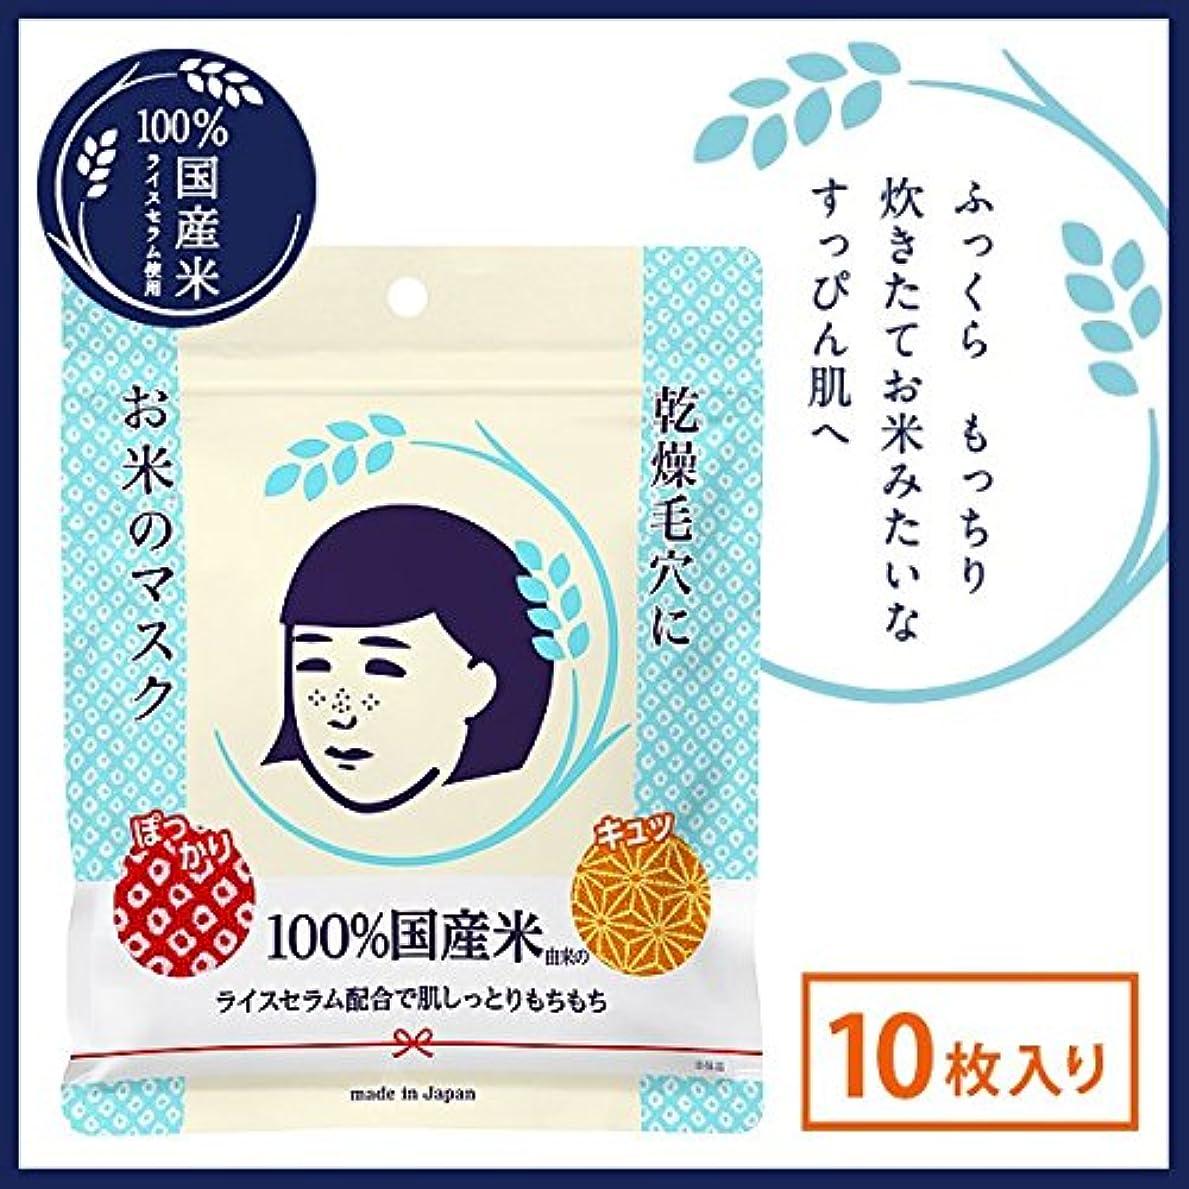 精査苦情文句シルエット毛穴撫子 お米のマスク(10枚入/袋) 48袋入りケース